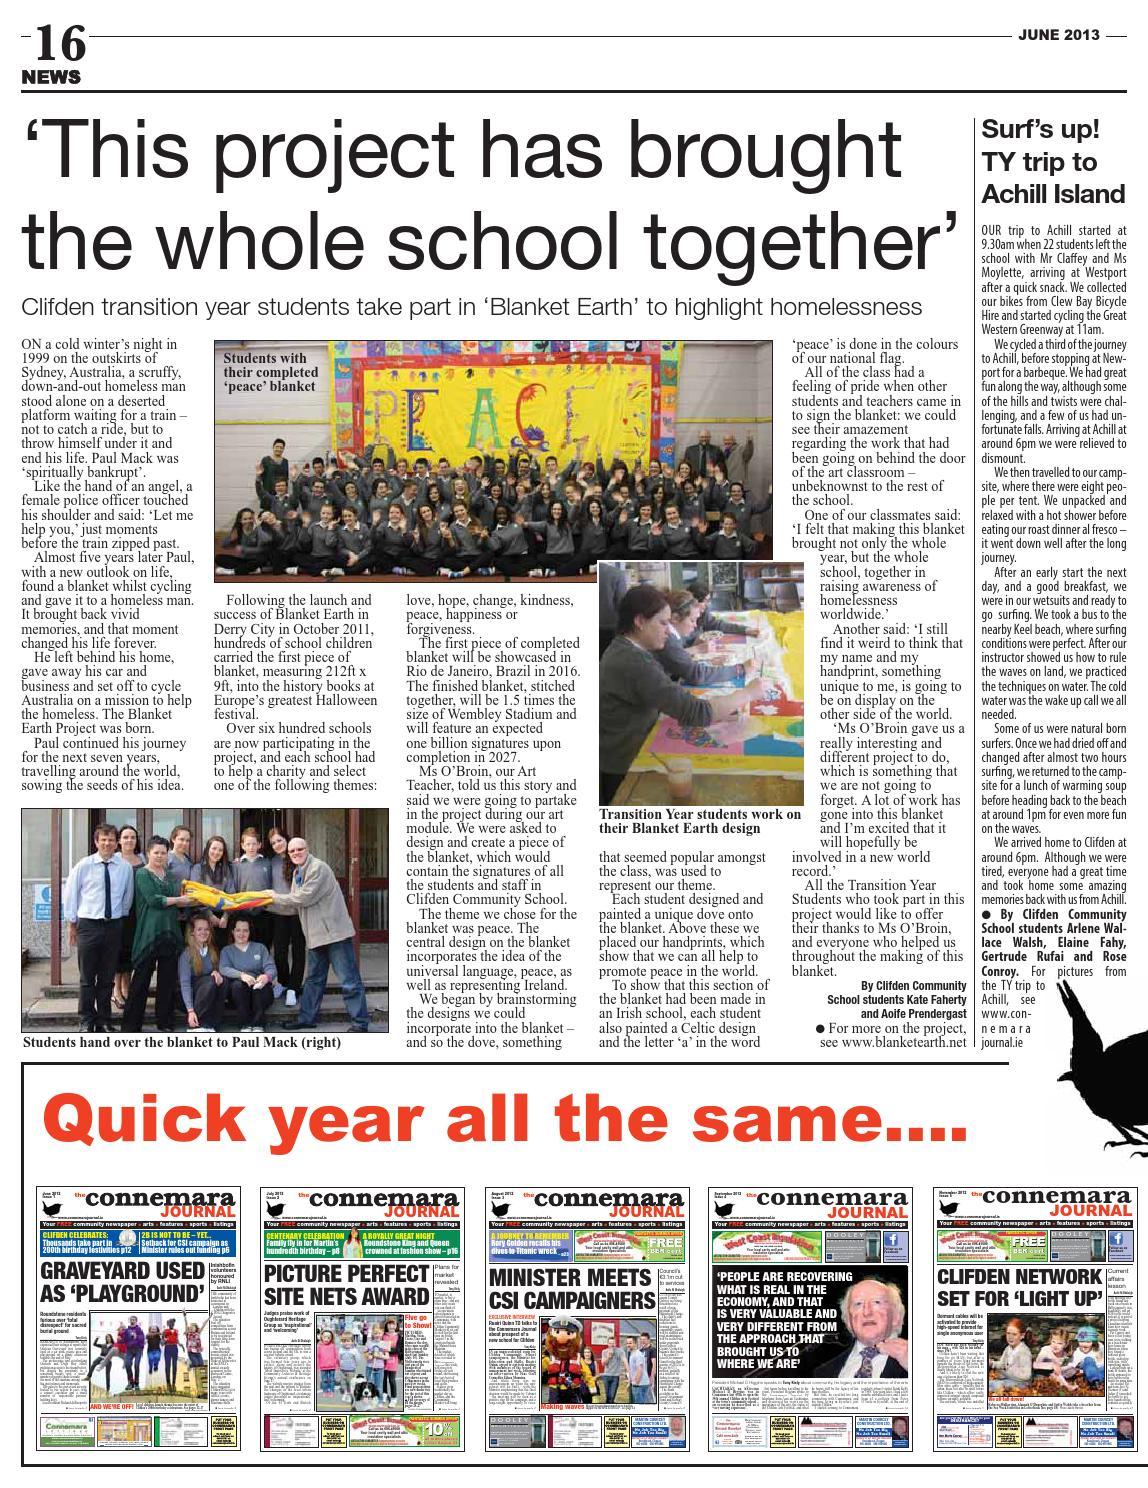 Connemara Journal, June 2013 (issue 11) by Connemara Journal